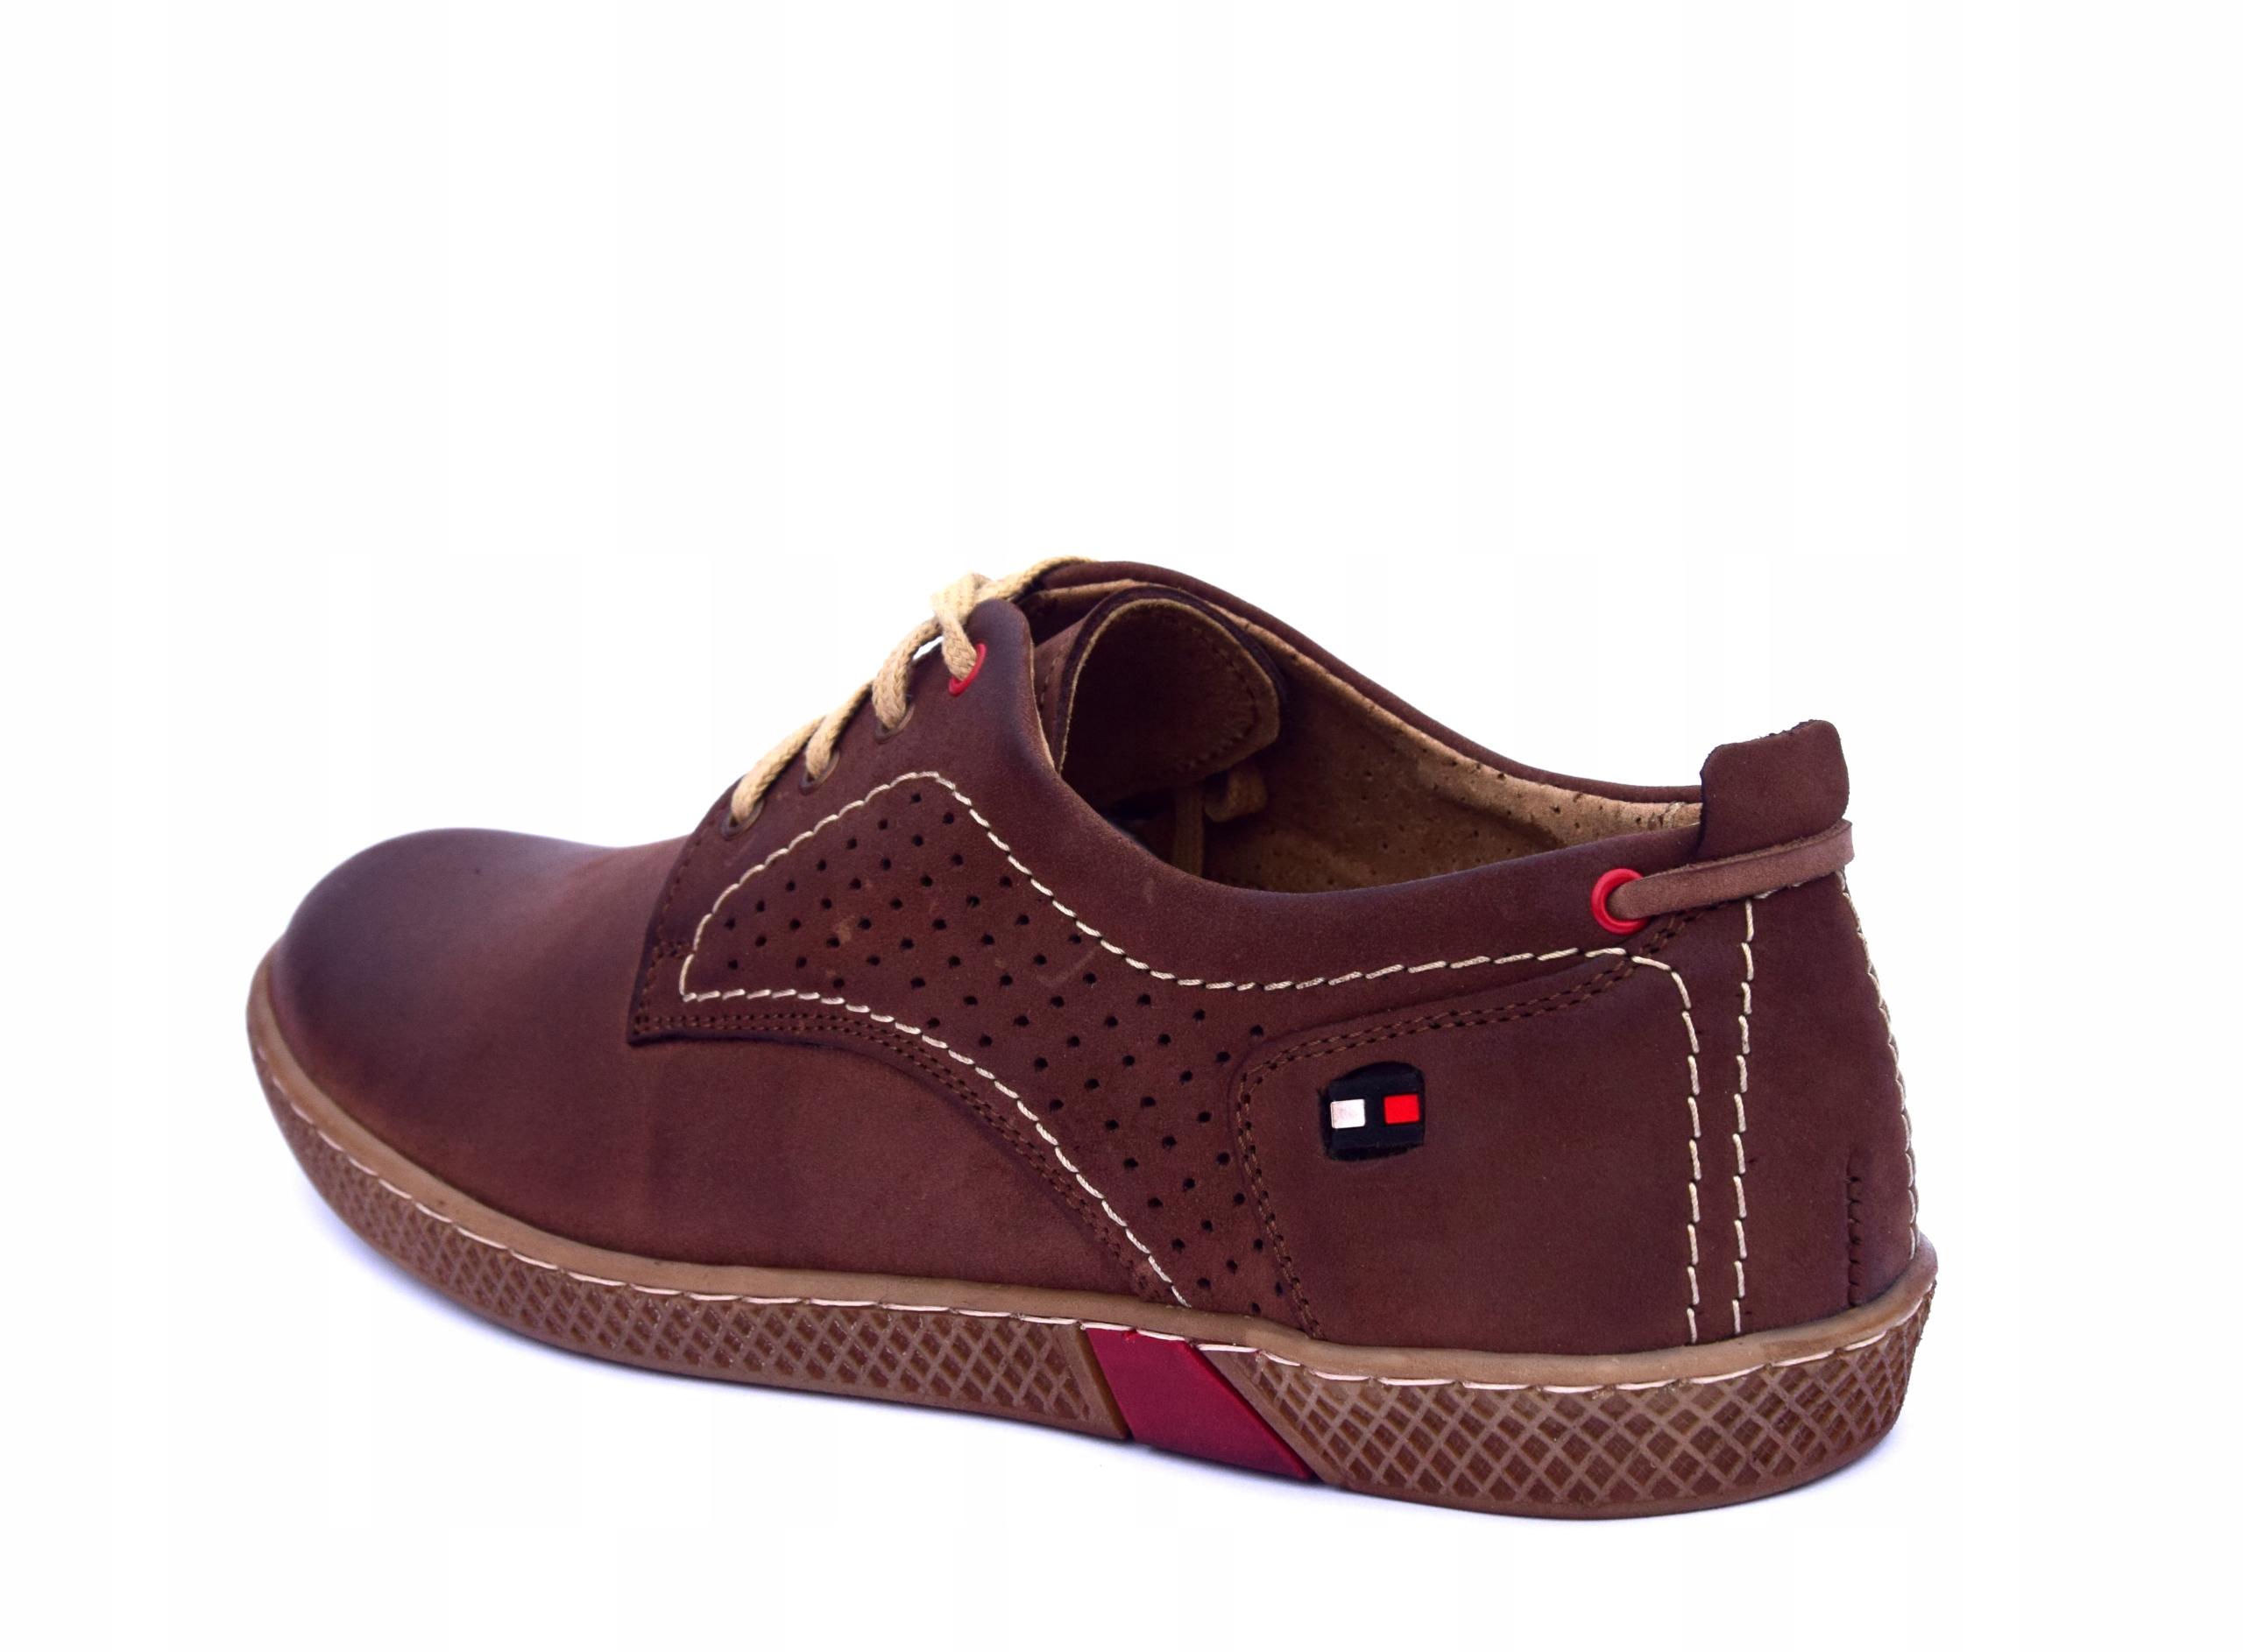 Półbuty skórzane męskie brązowe buty polskie 302 Kolor brązowy